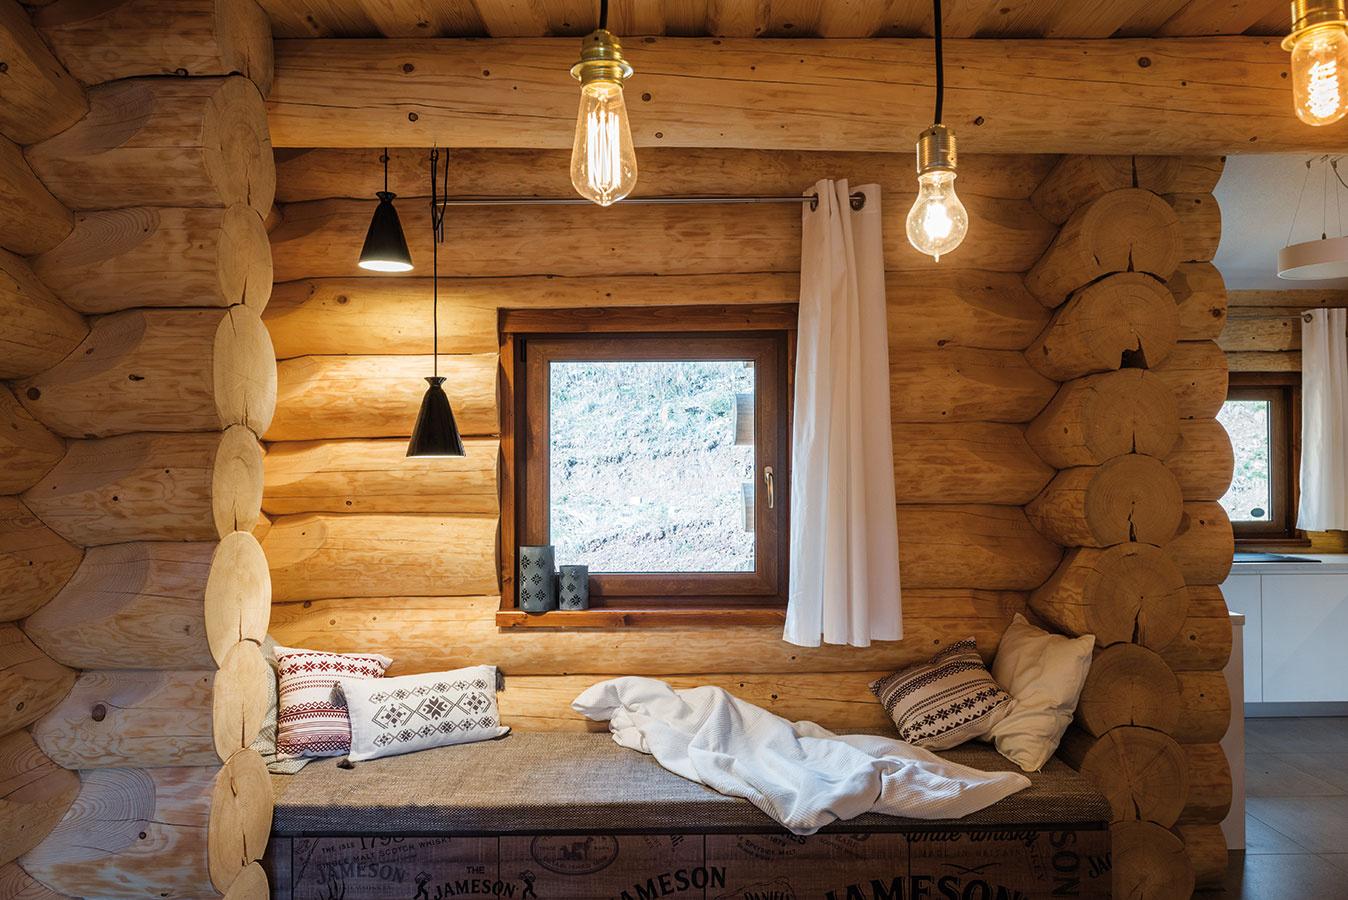 Lavica pod oknom vjedálni je odkazom na slovenské tradície. Slúži na oddych, čítanie, ale aj na príležitostné prespanie (periny sú skryté vo vnútri).